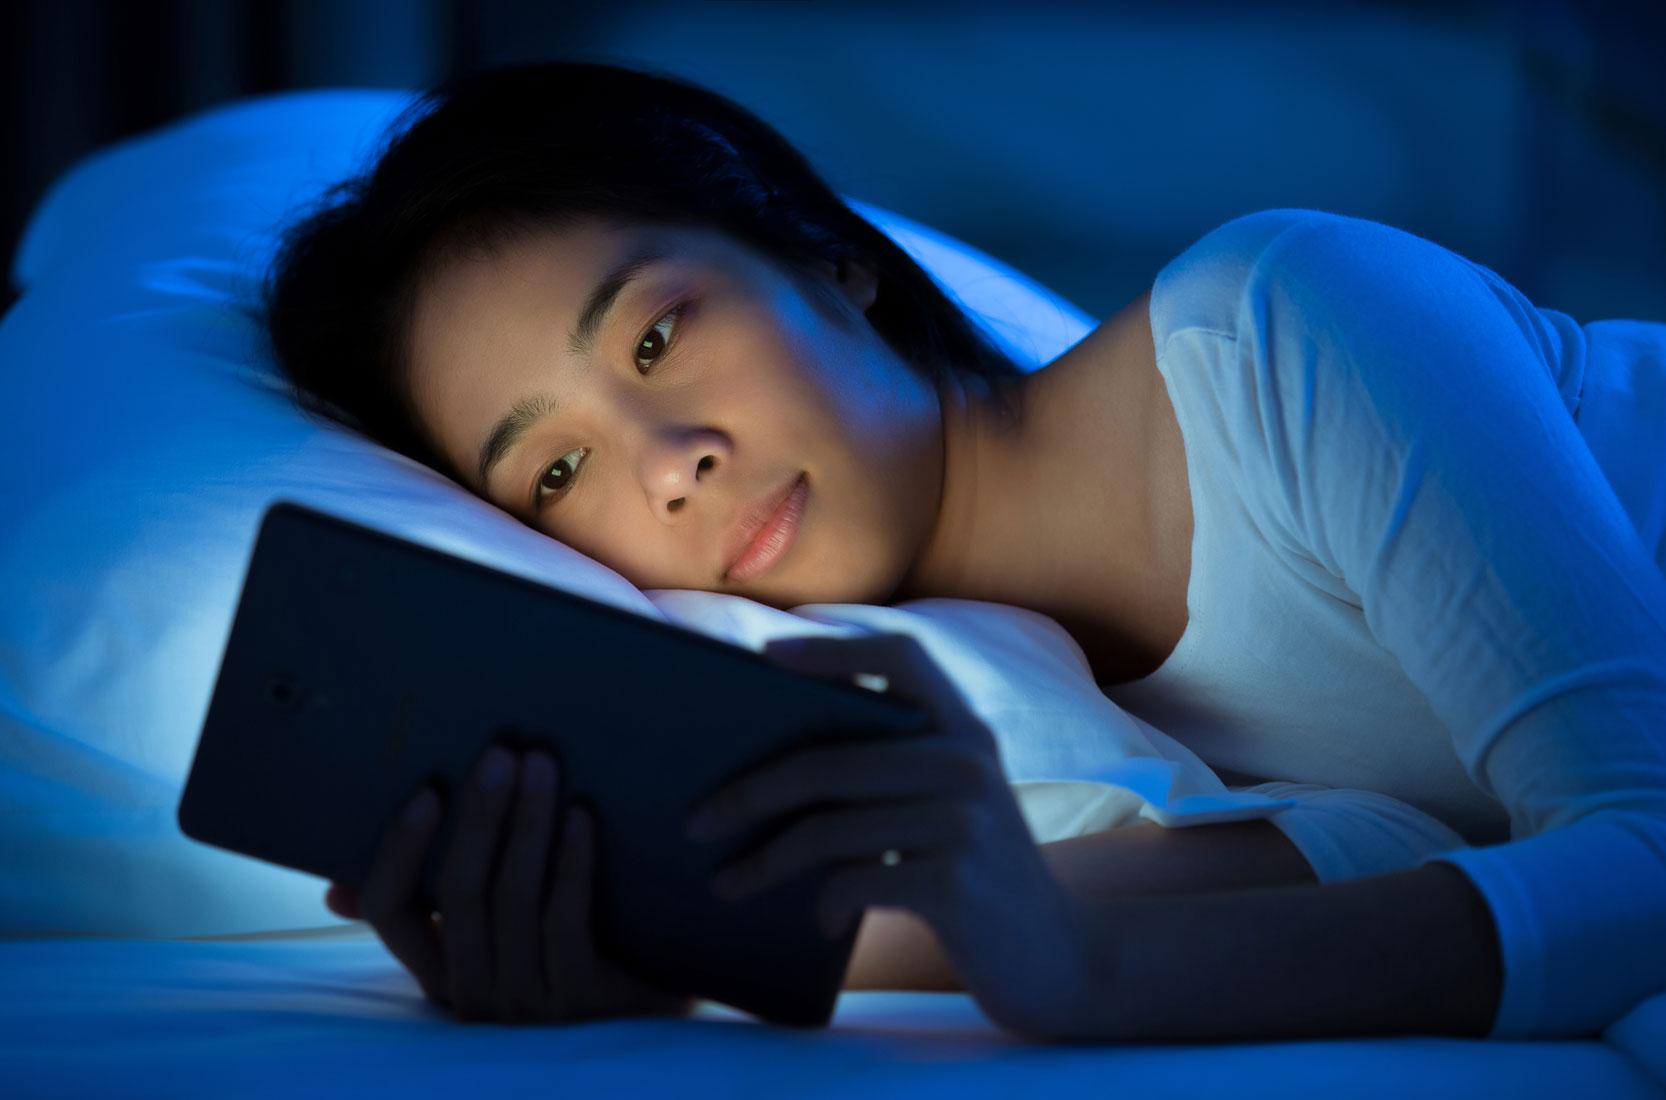 Ich kann nicht schlafen Tipps: Was ist der beste Tipp gegen schlechten Schlaf?